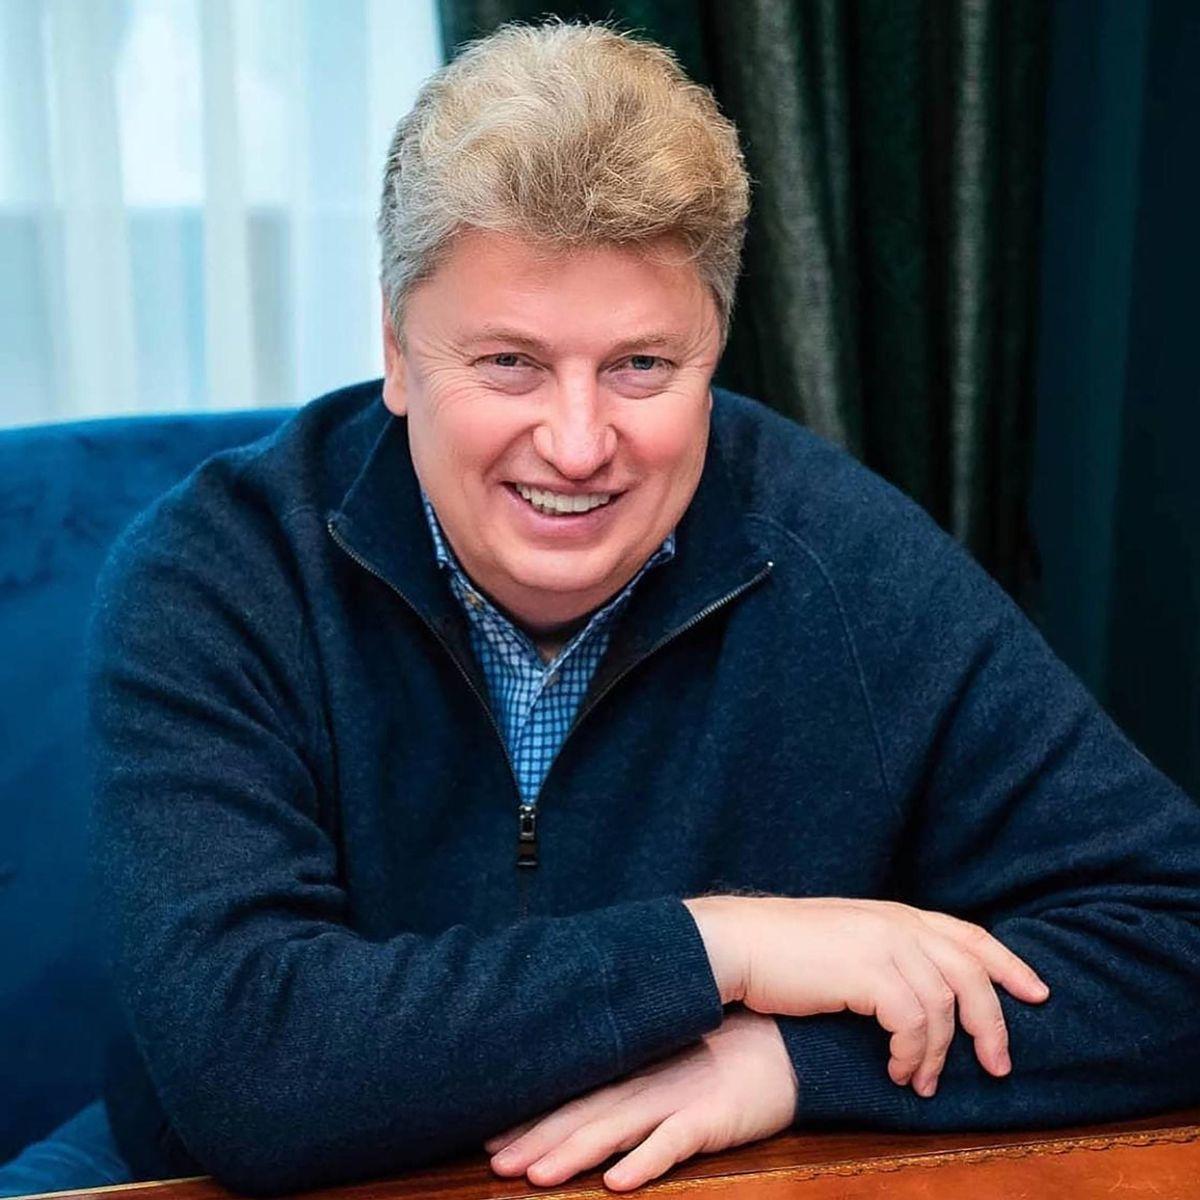 Igor Sosin, nhà đầu tư nổi tiếng, là ông trùm bán chuỗi hàng gia dụng Modi và đồng sáng lập thương hiệu Starik Hottabych. Ảnh: East2west